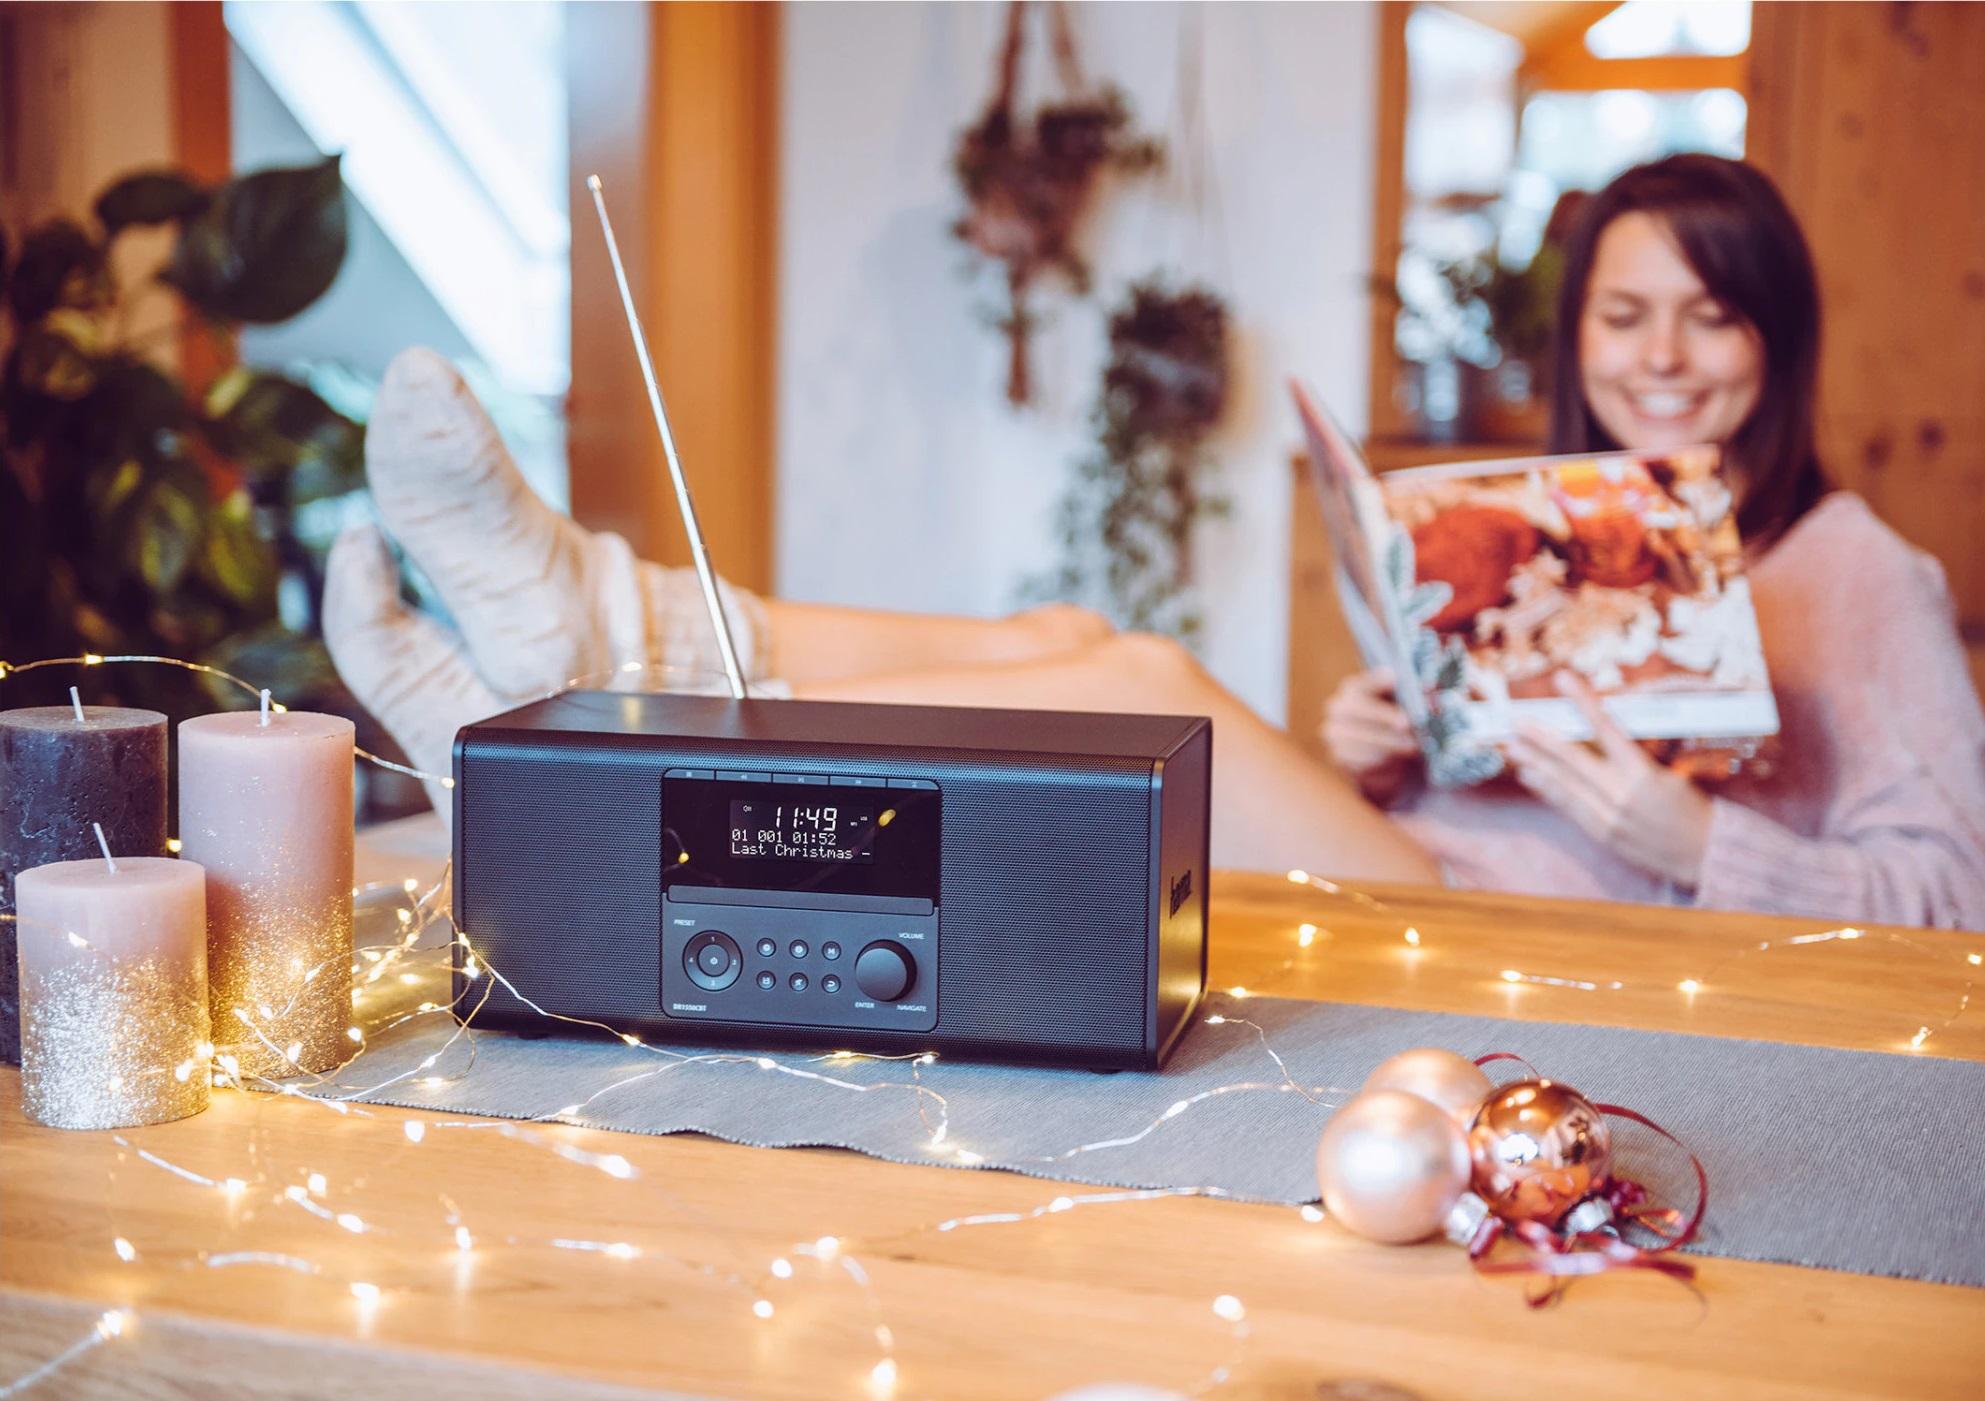 Digitálne rádio Hama s teleskopickou anténou